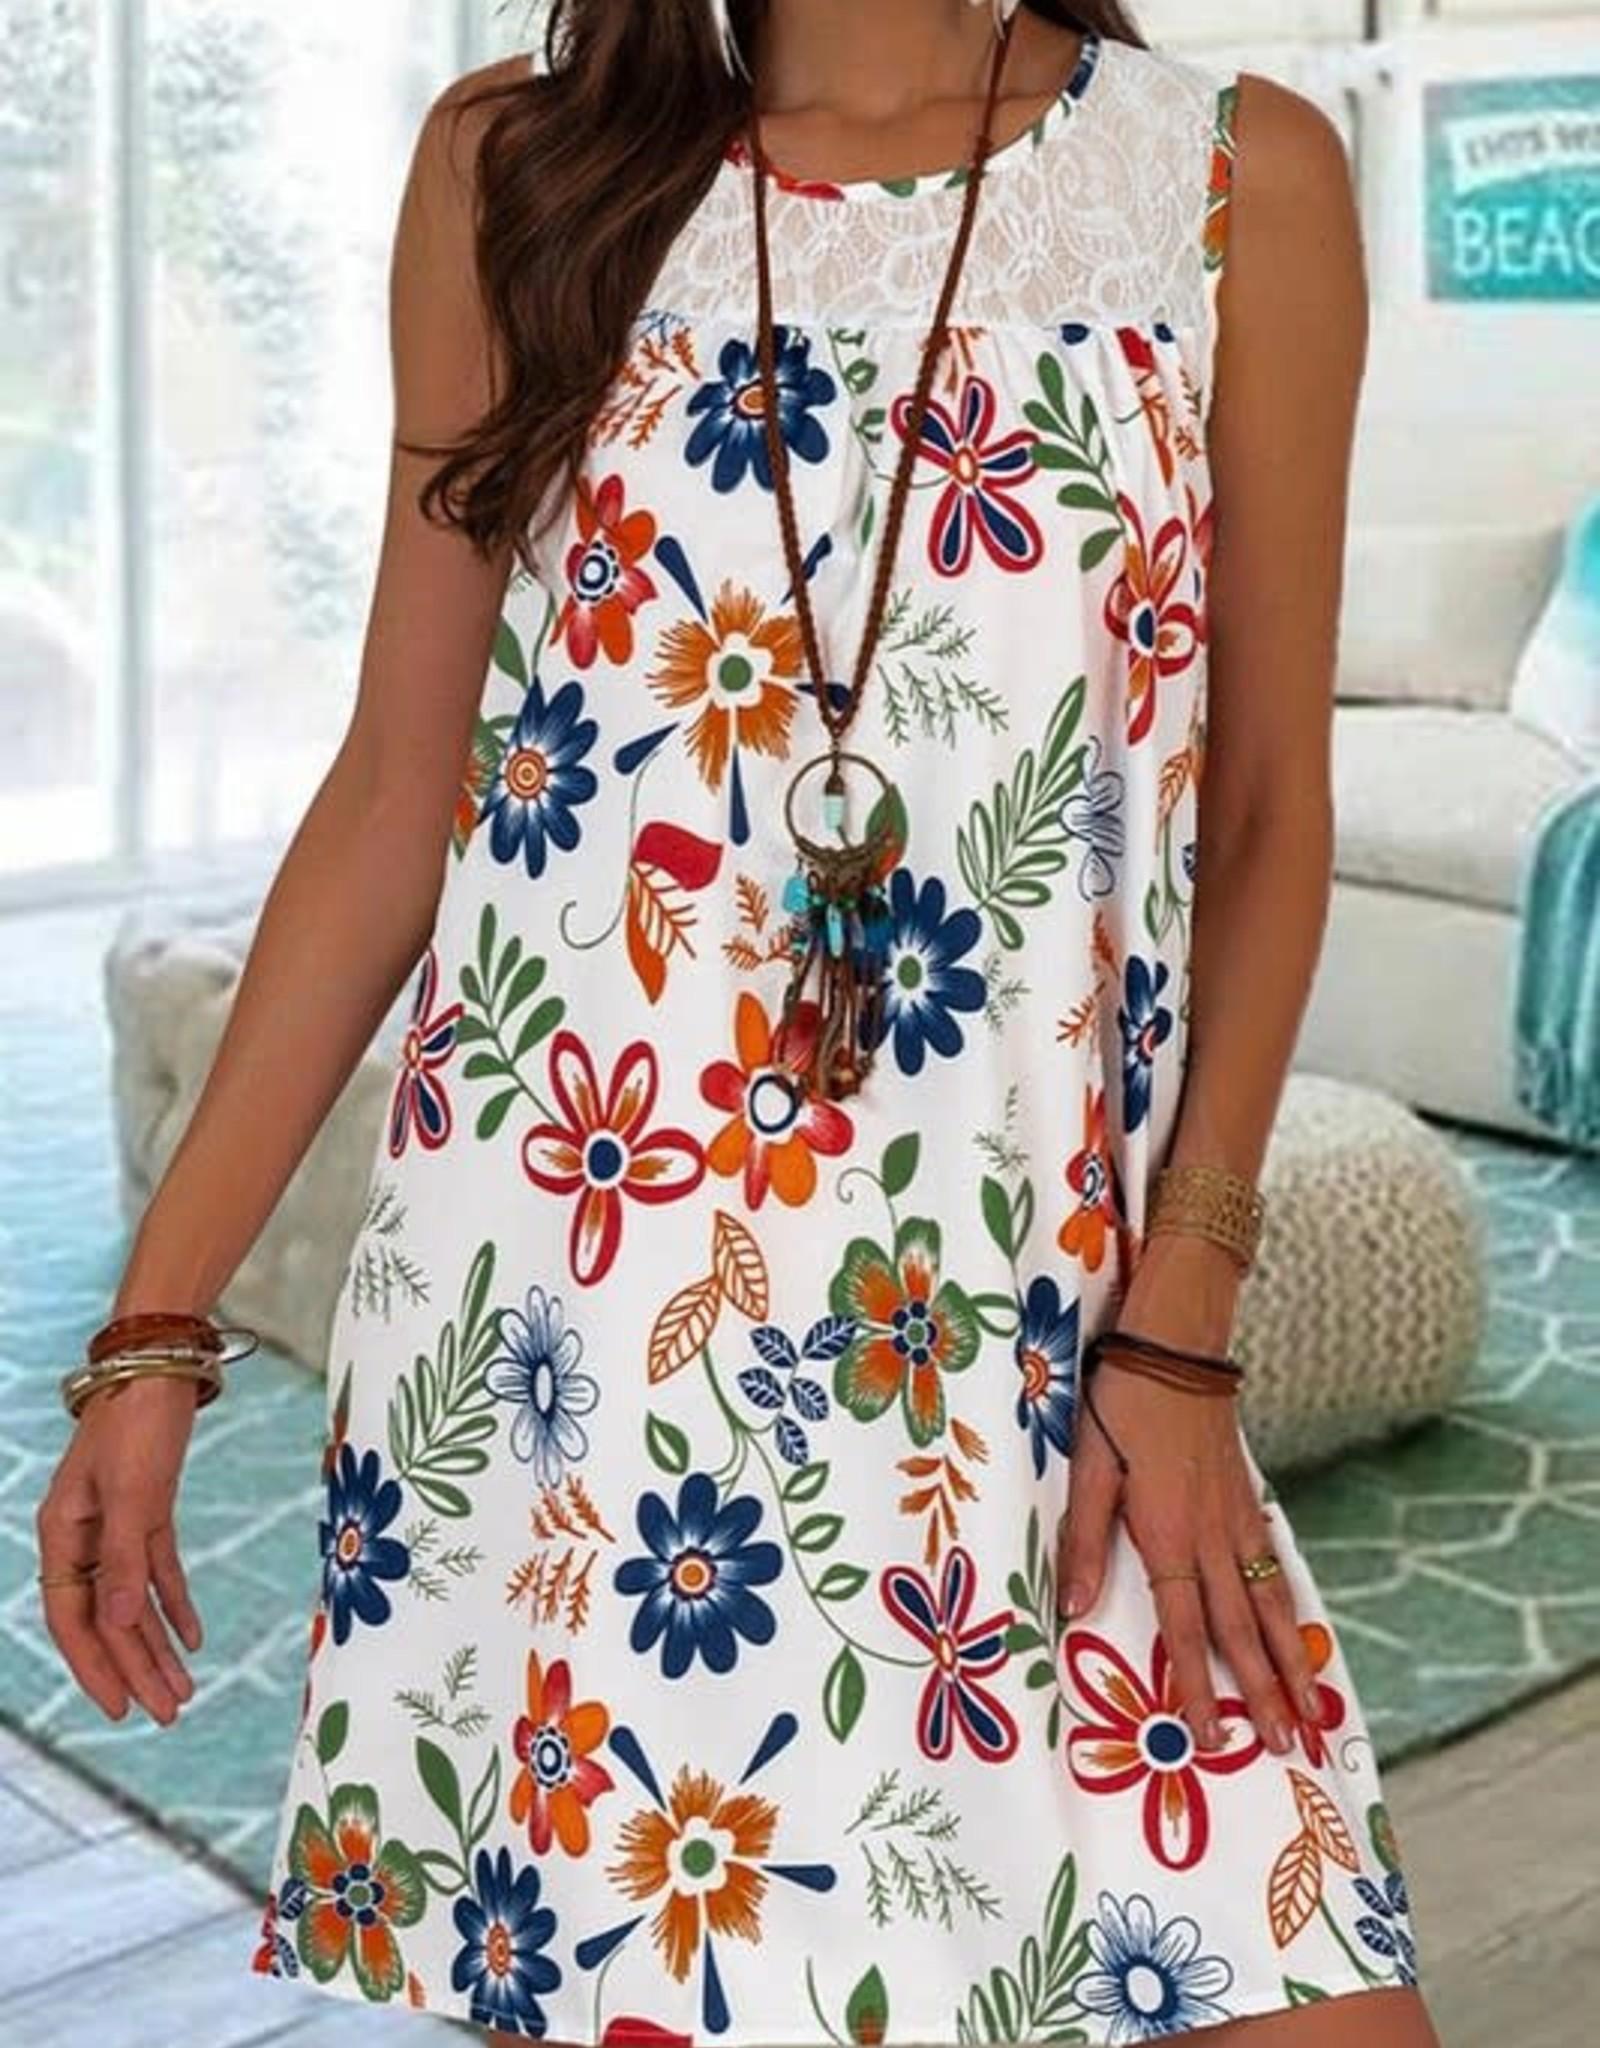 TLC Floral dress